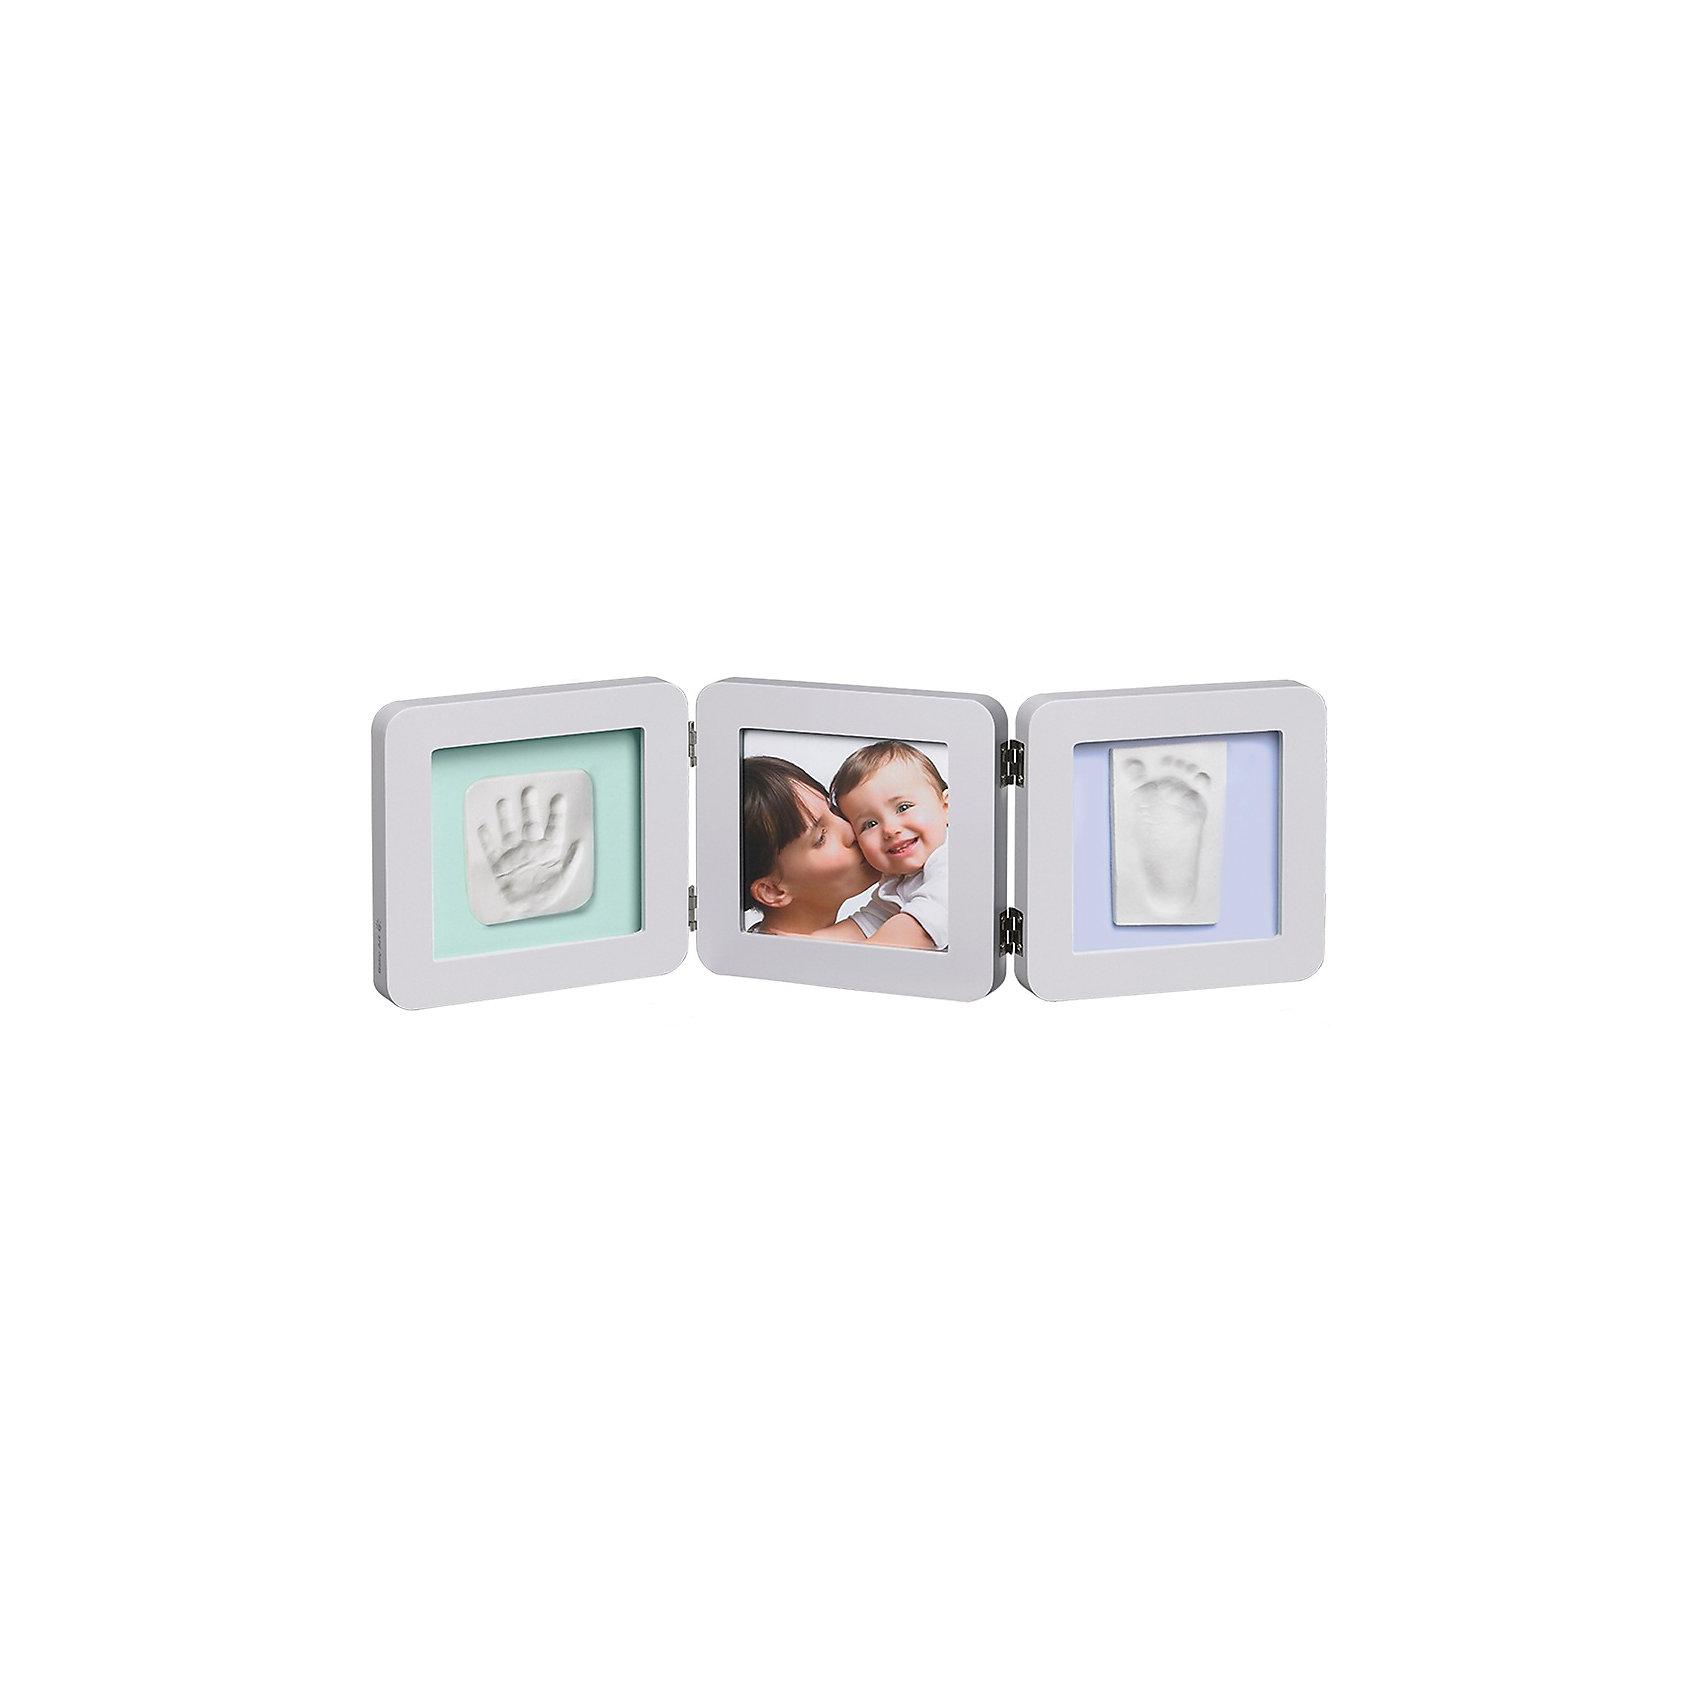 Фоторамка тройная, Baby Art, светло-серая, подложка голубая/бирюзовая/сераяПредметы интерьера<br>Сувенирная продукция Baby Art (Бейби Арт) – это возможность оставить «след» малыша в истории вашей семьи. Отпечатки ручки и ножки помещаются в рамку, между ними ставится фотография малыша – фоторамка «Print Frame» готова. <br>Процесс создания слепка:<br>• материал надо размять руками и раскатать скалкой;<br>• оставить отпечаток ручки и ножки малыша;<br>• выровнять края основы ножом (лучше под линейку);<br>• дать гипсу высохнуть;<br>• используя двустороннюю клейкую ленту, приклеить слепоки к рамке;<br>• вставить в рамку фотографию малыша.<br><br>Дополнительная информация:<br><br>Размер одной створки: 17х17х1,7 см<br>Комплектация набора:<br>• тройная фоторамка – для фотографии и отпечатков ручки и ножки;<br>• гипсовый слепок;<br>• скалка;<br>• двусторонняя липкая лента;<br>• инструкция. <br>ВНИМАНИЕ! Данный артикул имеется в наличии в разных цветовых исполнениях (голубая/бирюзовая/серая подложка). К сожалению, заранее выбрать определенный цвет невозможно. <br>Фоторамку тройную, Baby Art, светло-серую, подложка голубая/бирюзовая/серая можно купить в нашем интернет-магазине.<br><br>Ширина мм: 180<br>Глубина мм: 95<br>Высота мм: 180<br>Вес г: 1170<br>Возраст от месяцев: 0<br>Возраст до месяцев: 84<br>Пол: Унисекс<br>Возраст: Детский<br>SKU: 4986117